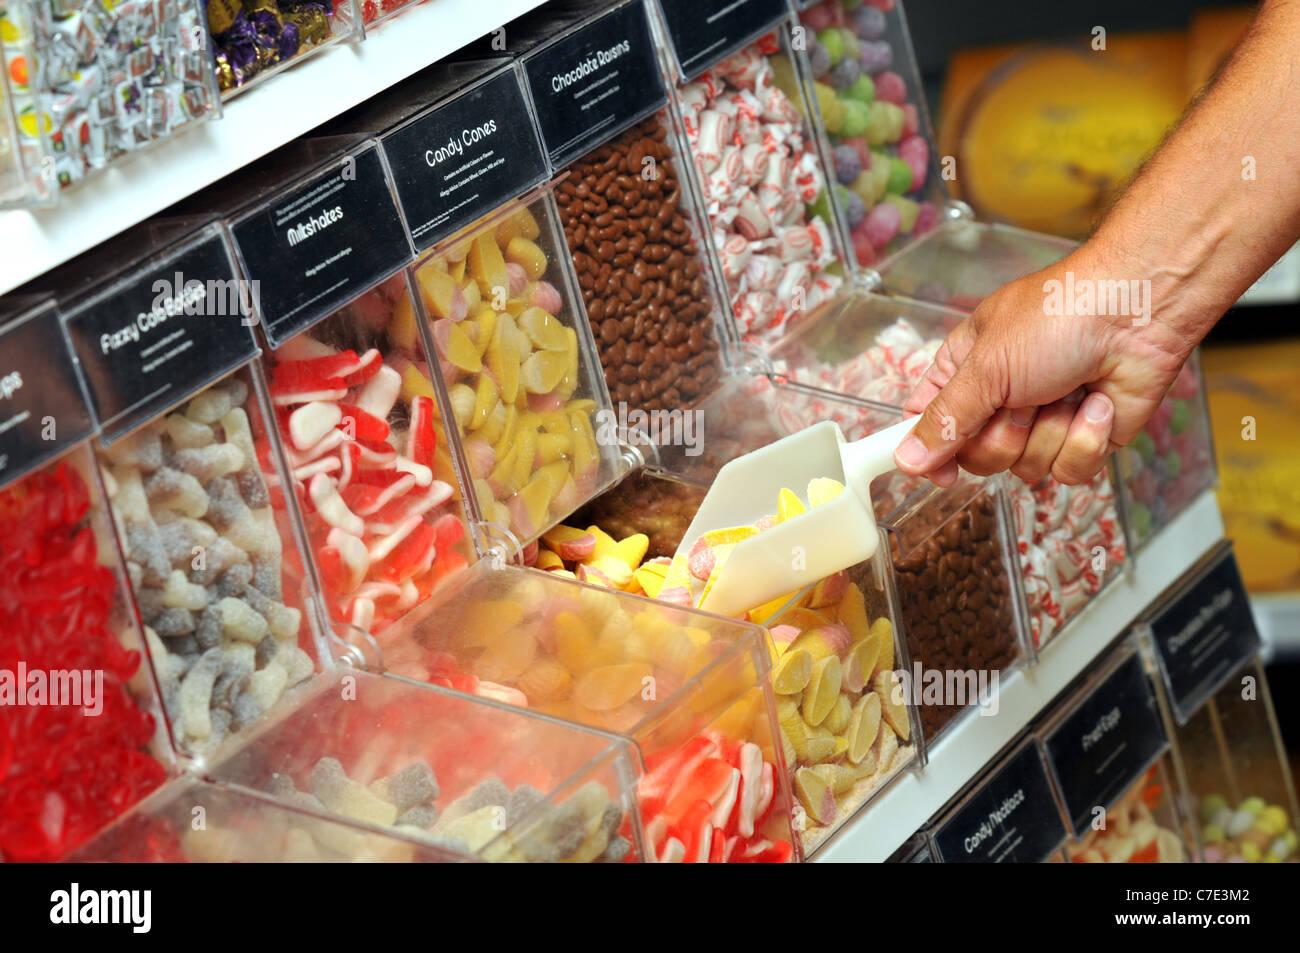 Escoger y Mezclar los dulces, pick n mix, caramelos, pastillas Imagen De Stock